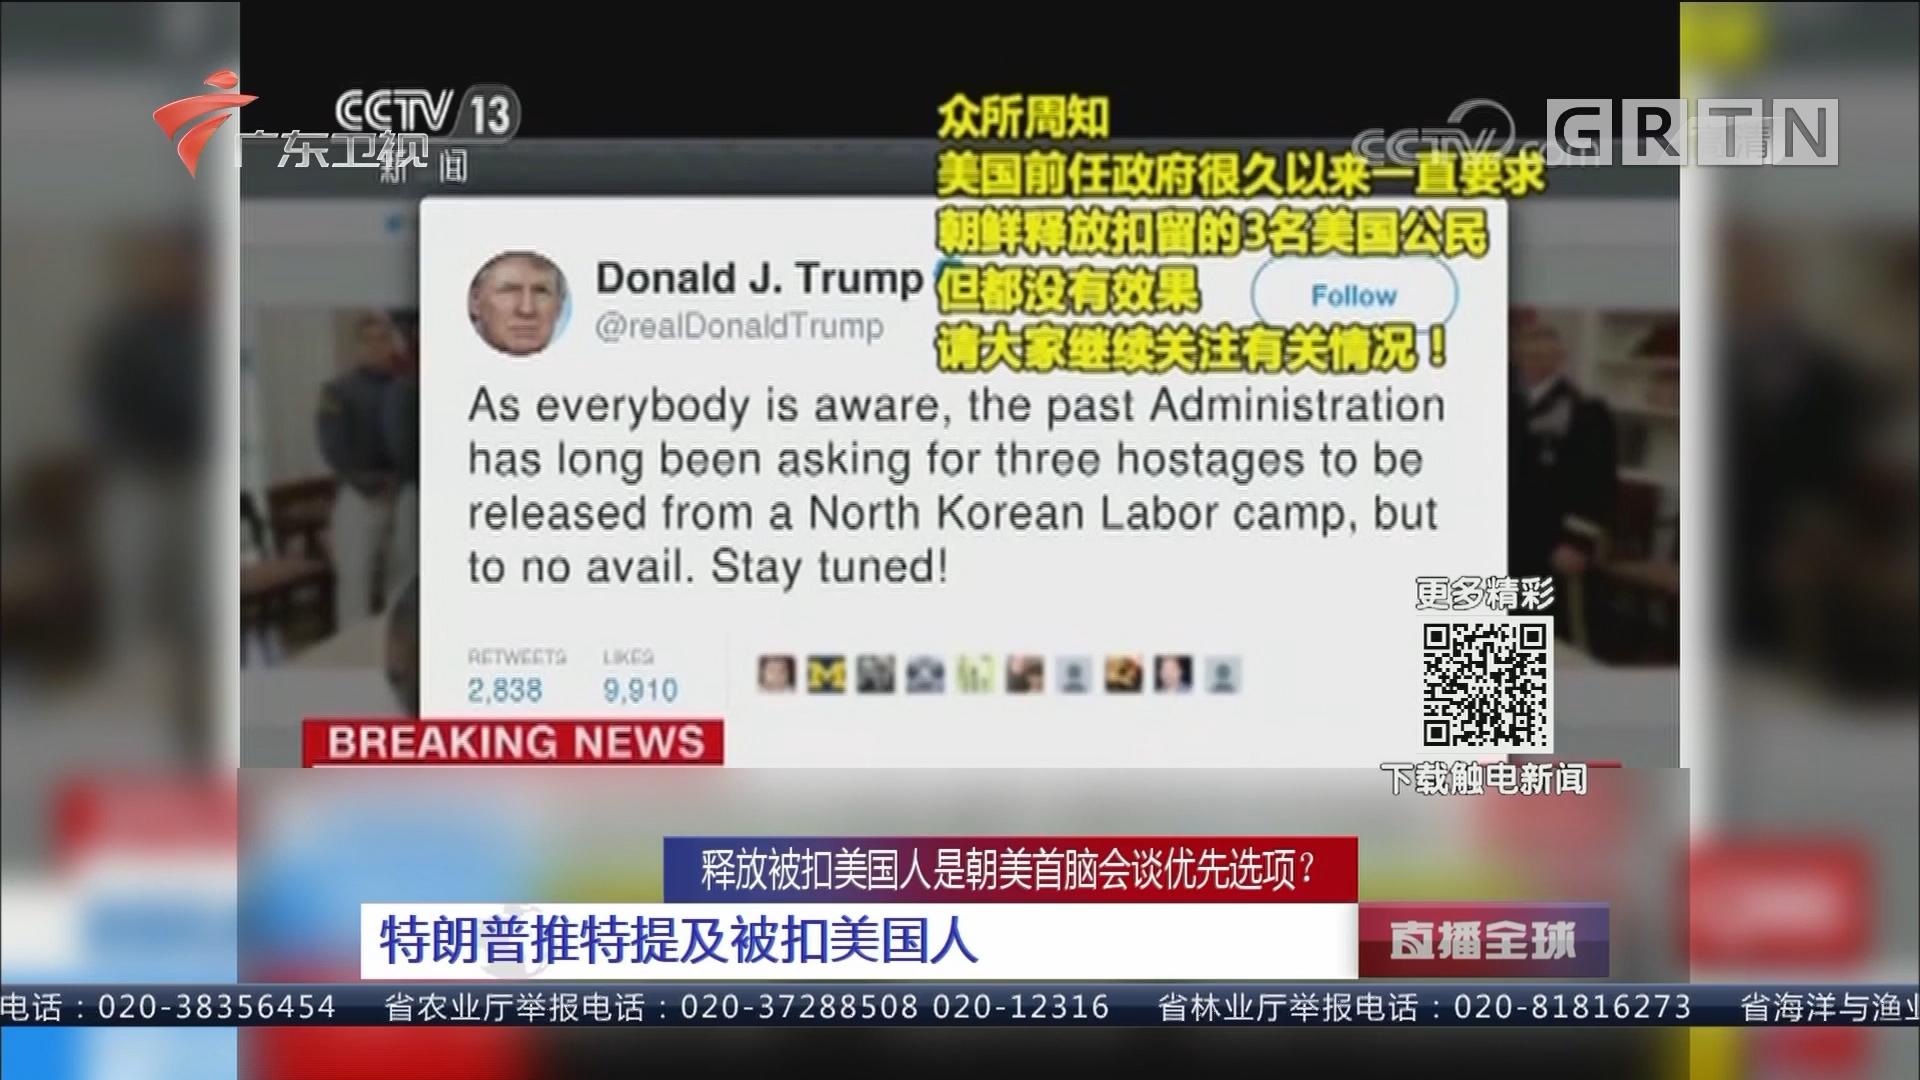 释放被扣美国人是朝美首脑会谈优先选项? 特朗普推特提及被扣美国人